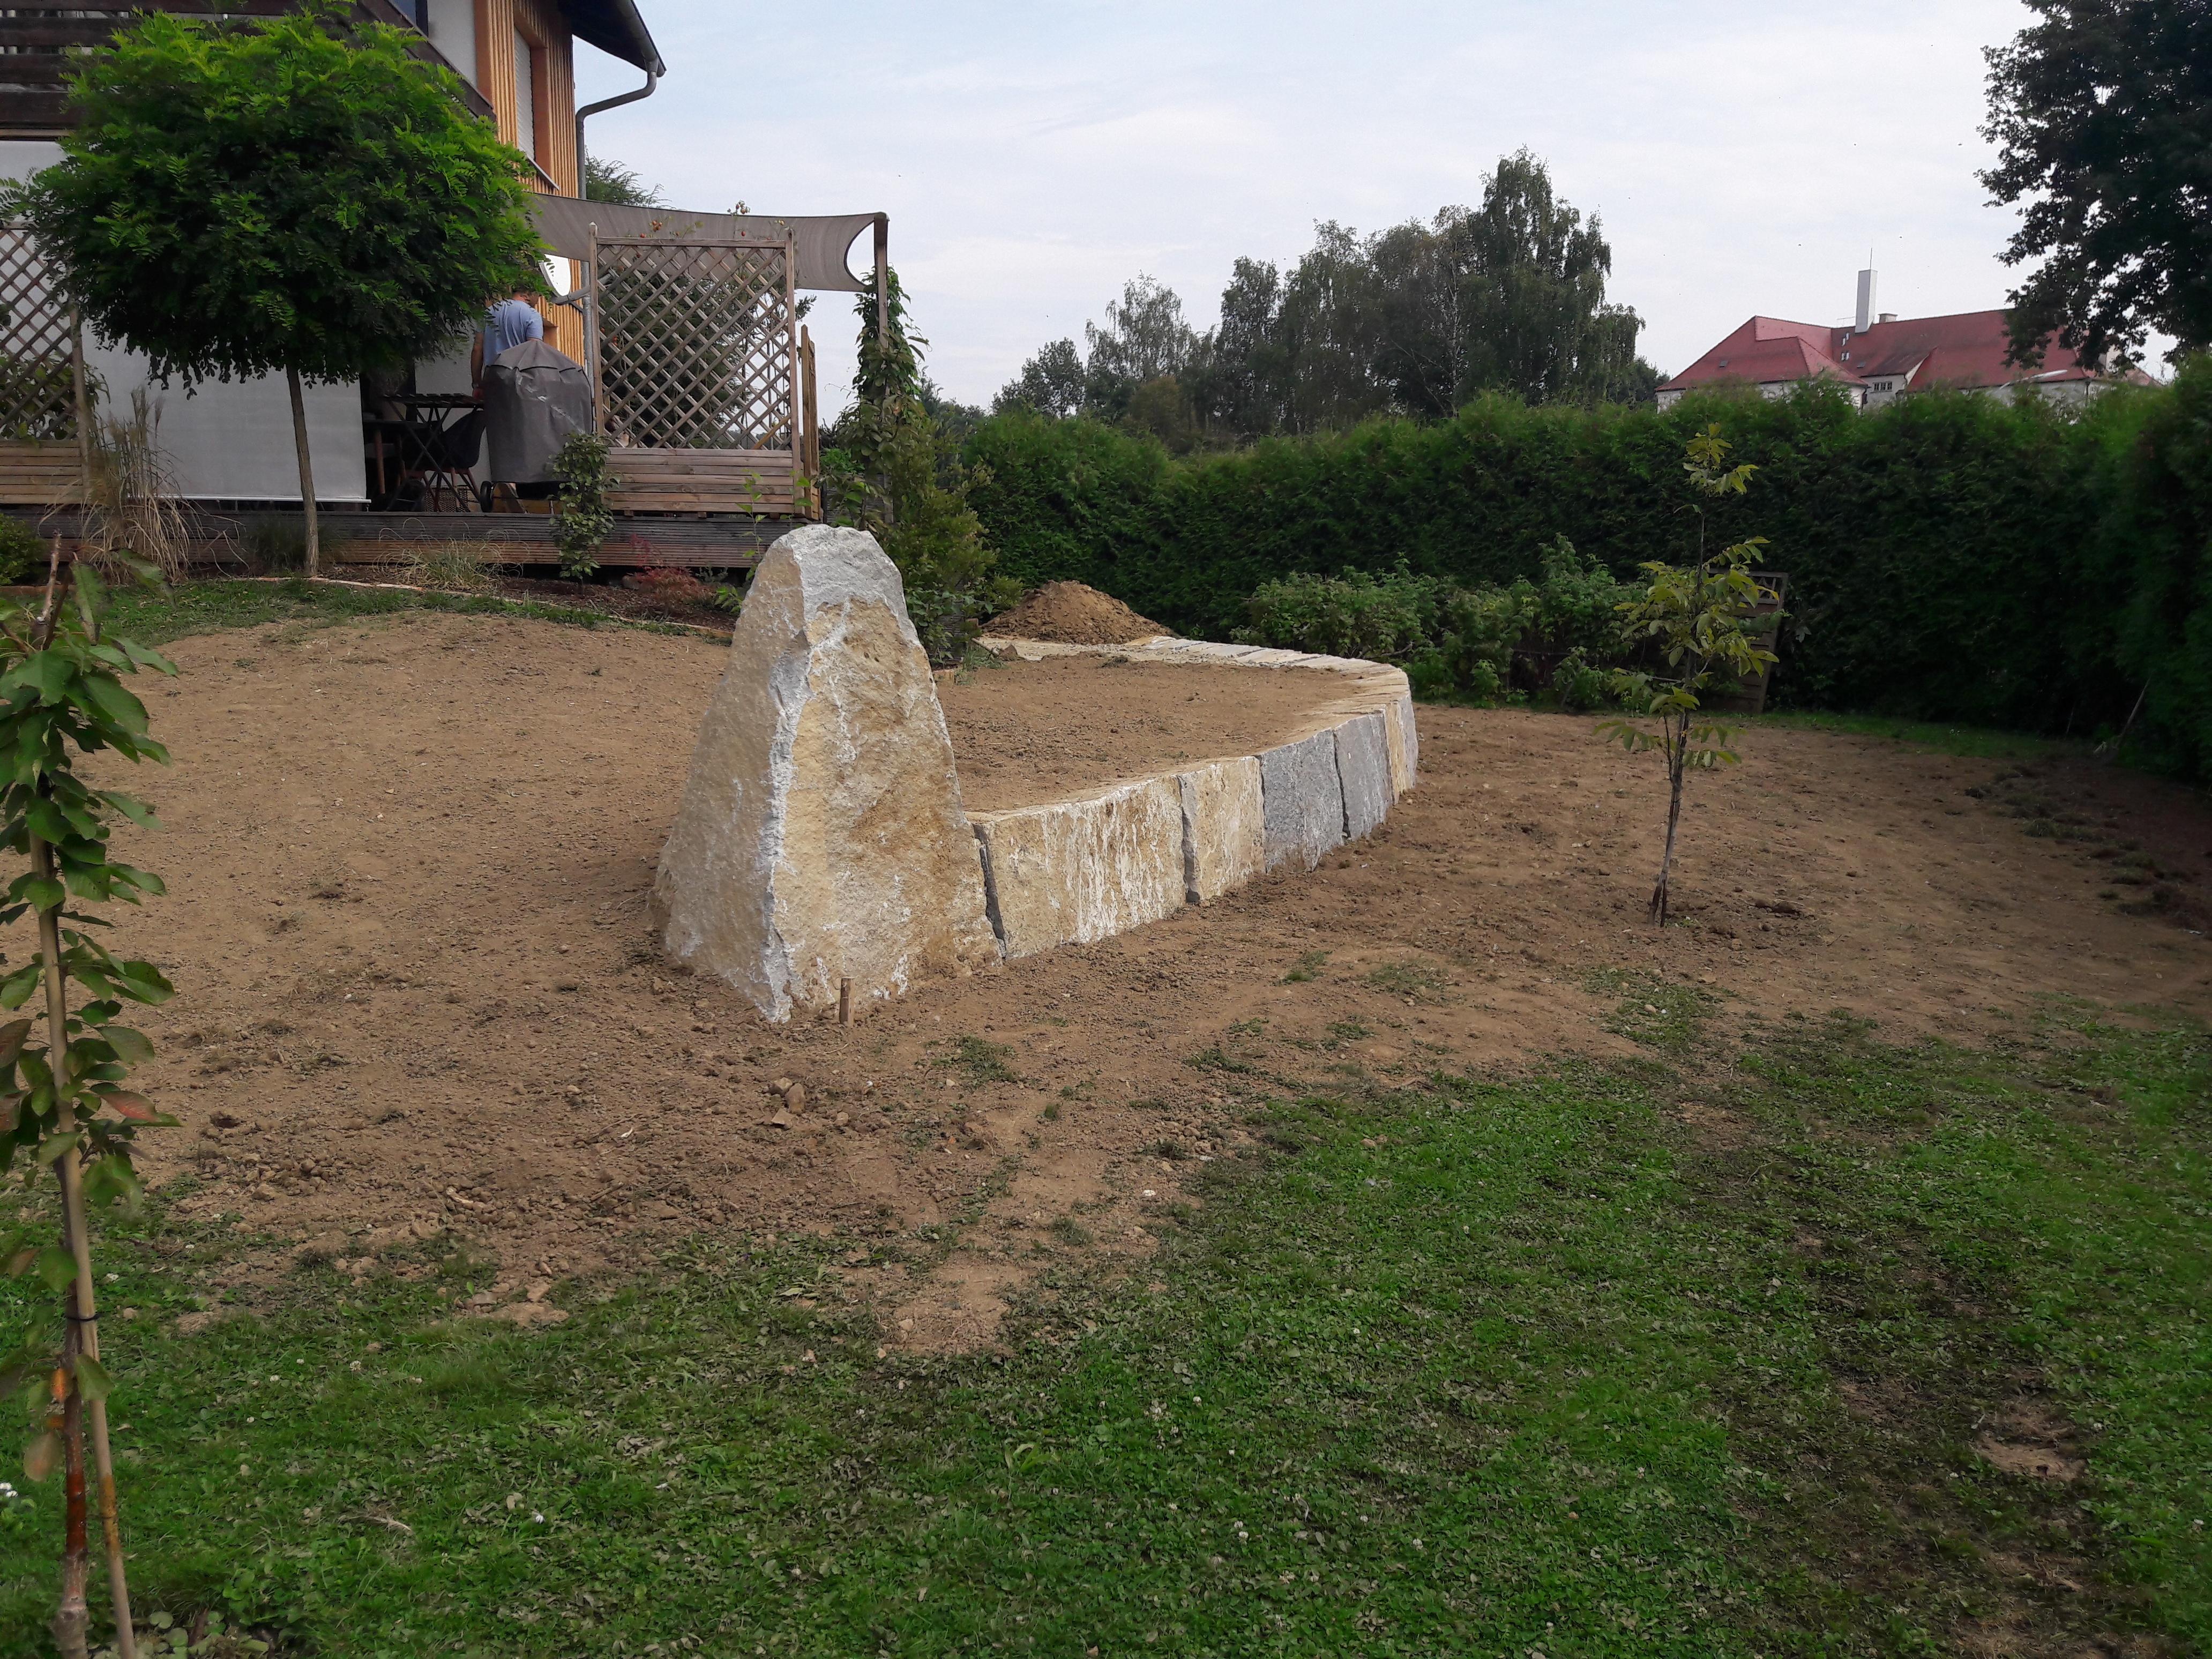 Privat Garten